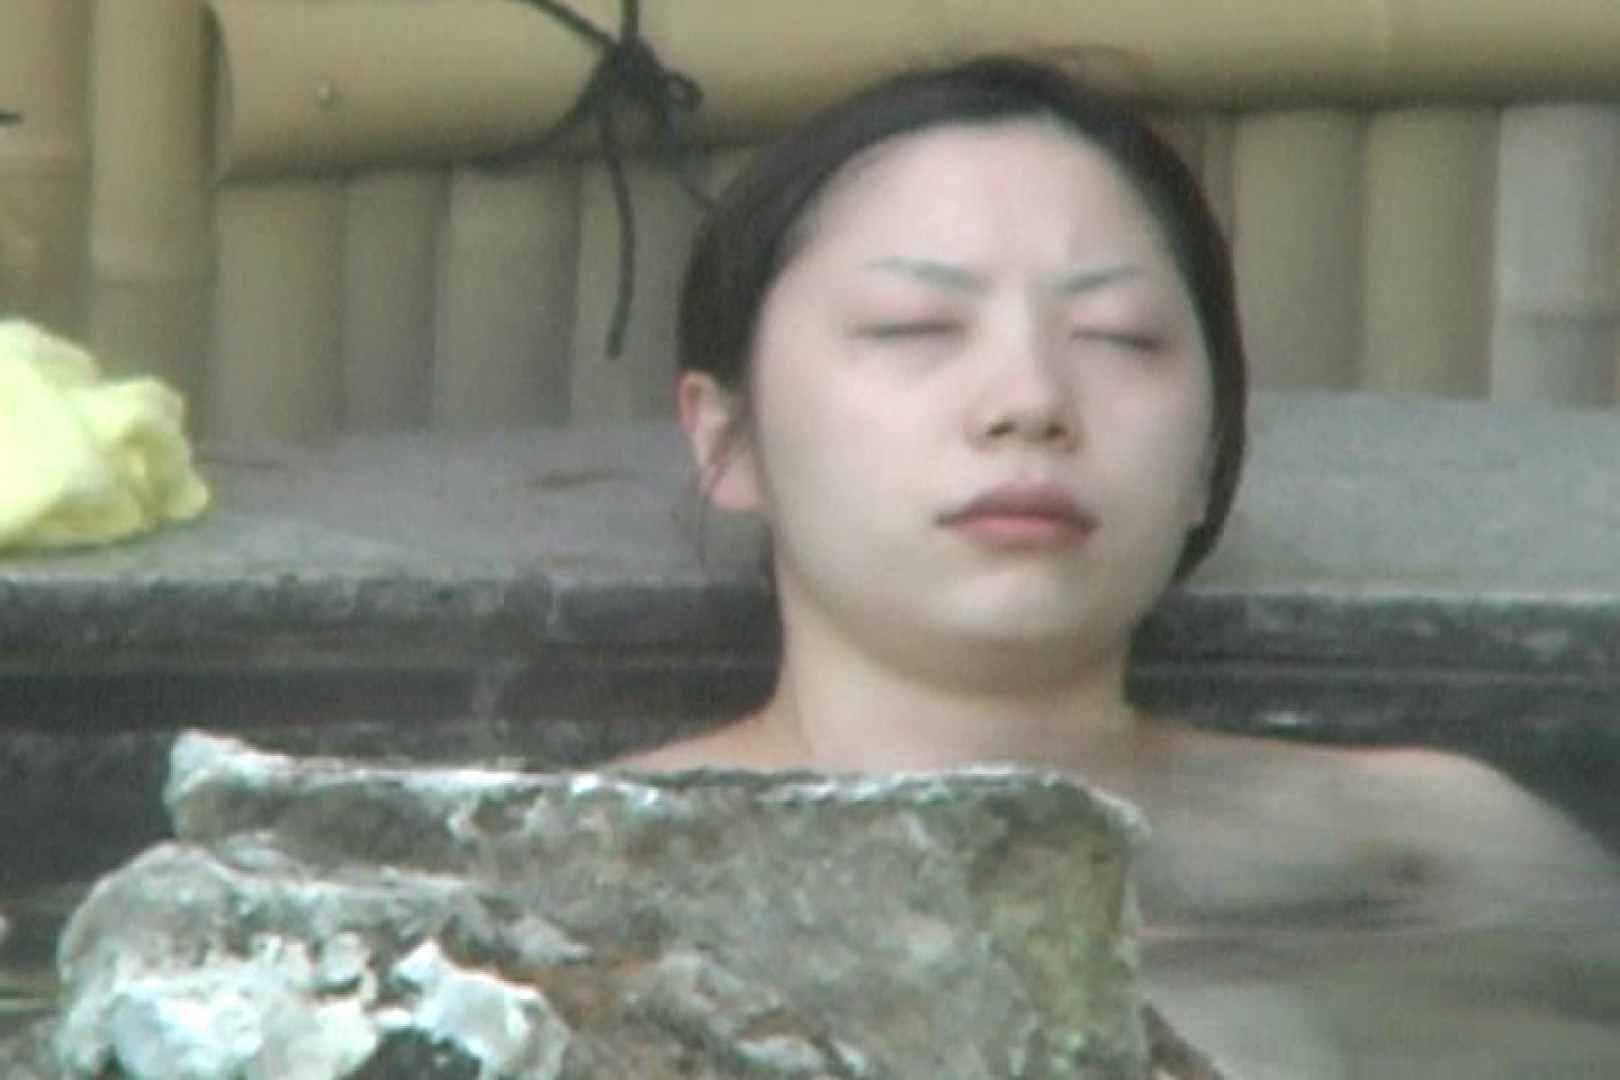 Aquaな露天風呂Vol.596 盗撮シリーズ  113PIX 72